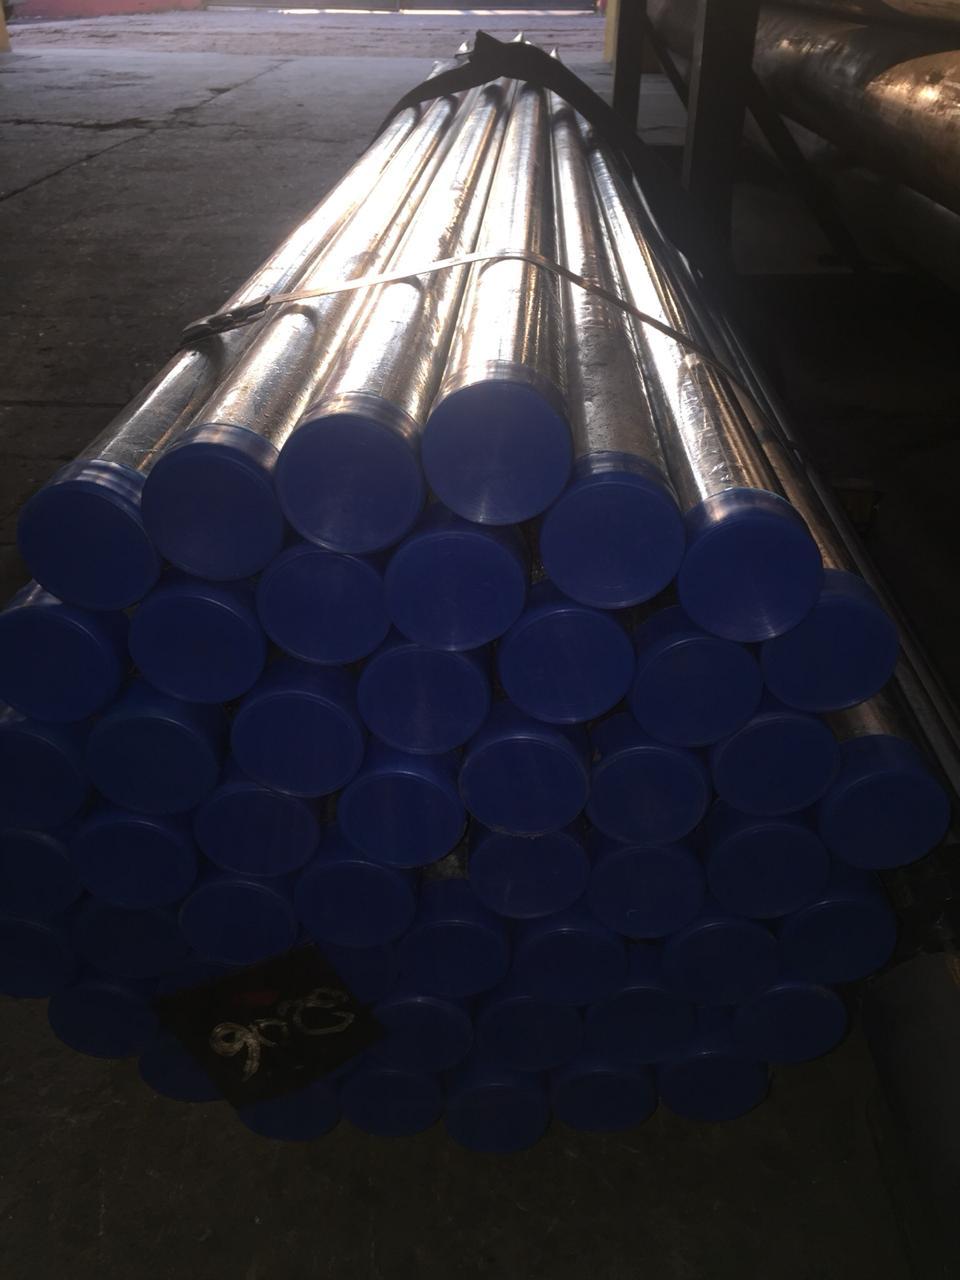 Coluna PP Galvanizada para sinalização vertical